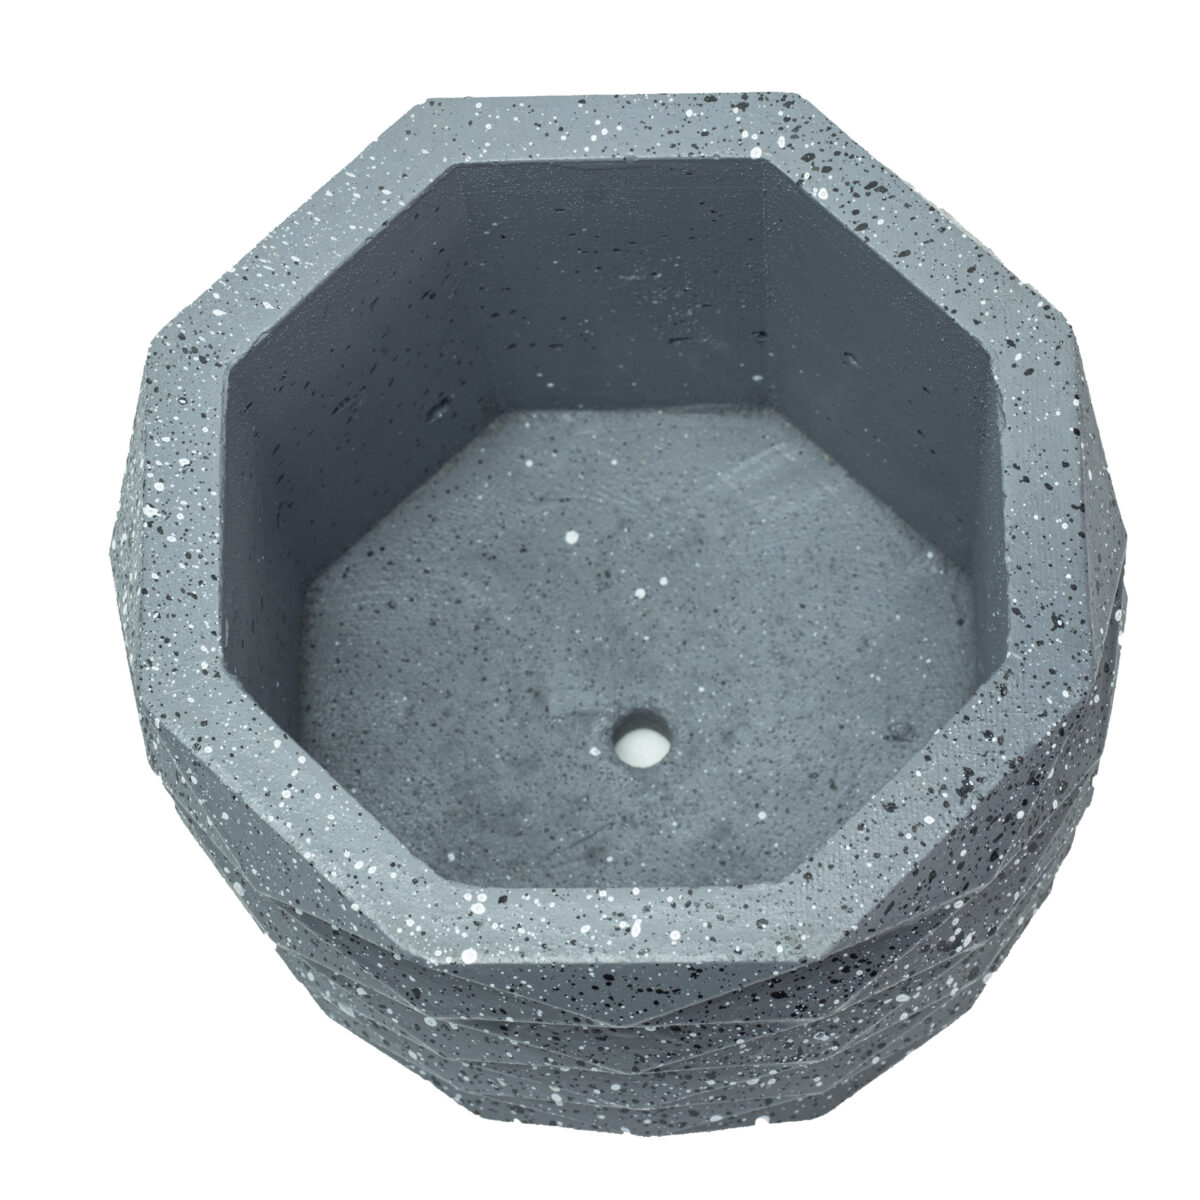 Charcoal Hexagon Cement Concrete Pot